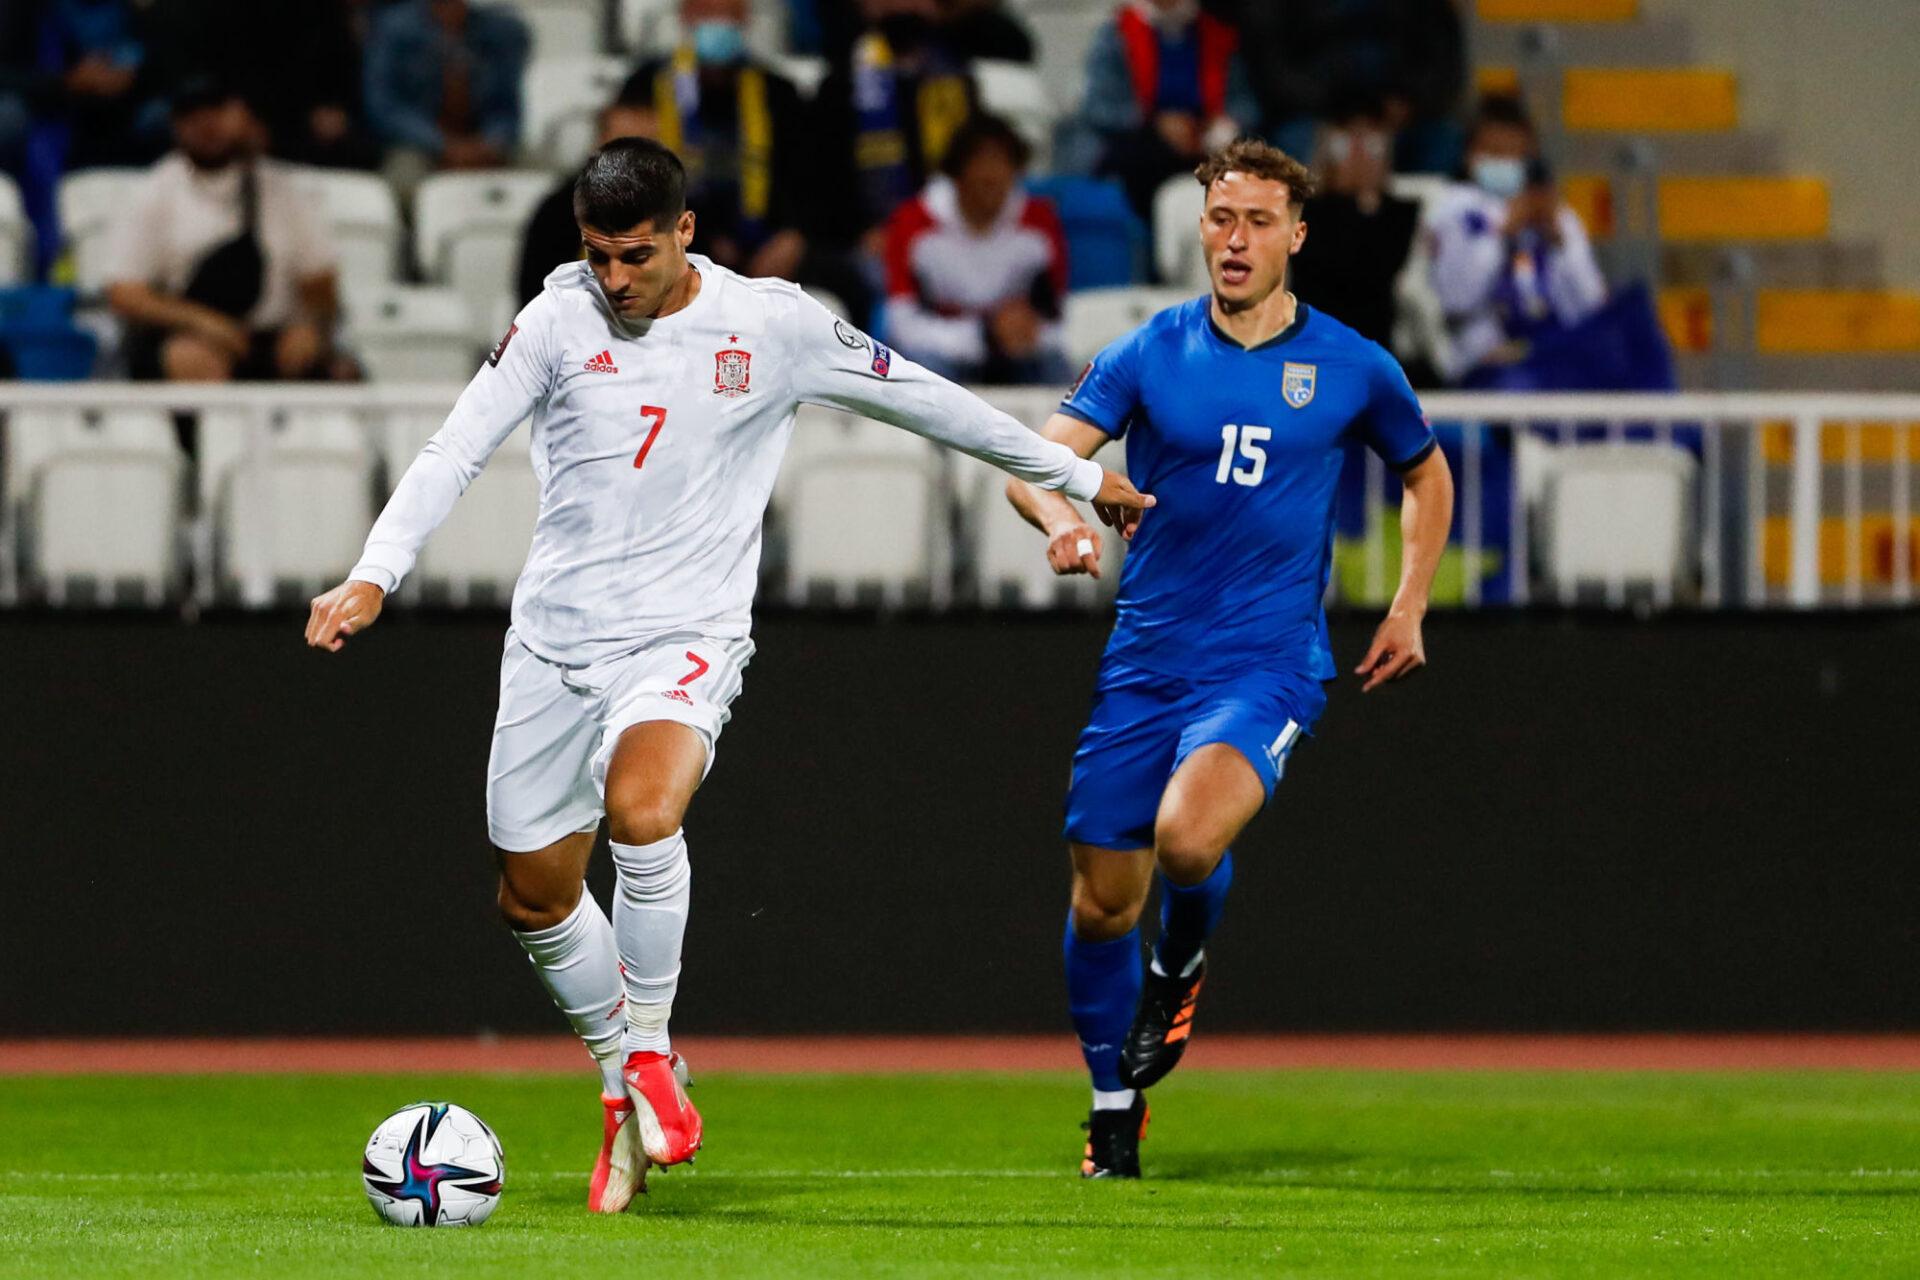 L'Espagne d'Alvaro Morata a galéré pour venir à bout du Kosovo lors de son dernier match (2-0). Icon Sport